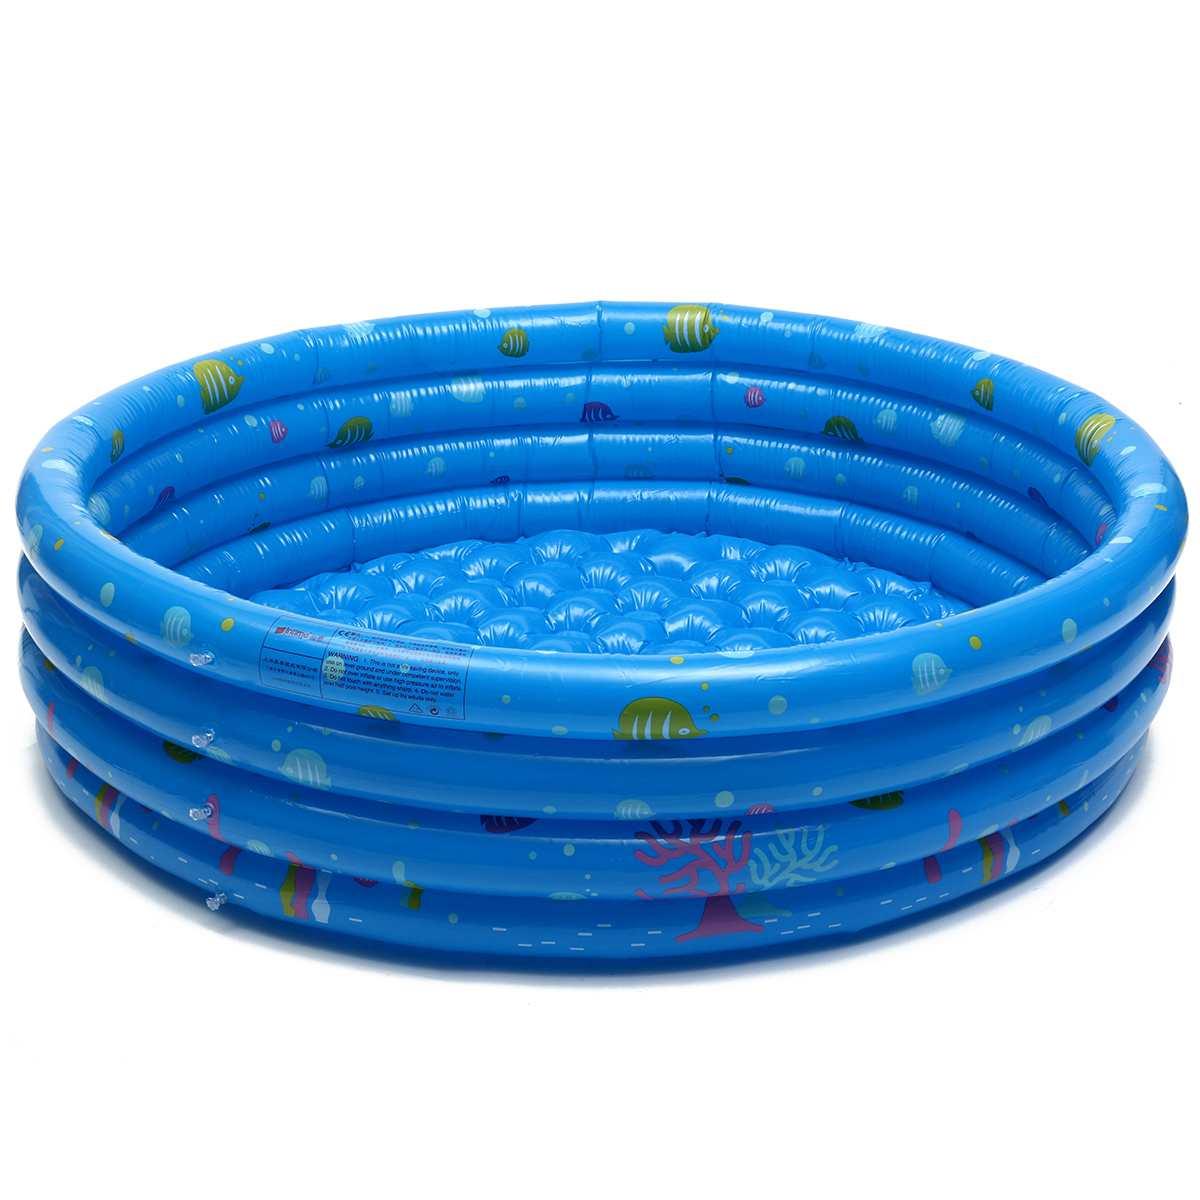 150 CM Gonflable Bébé Piscine Piscina Portable En Plein Air Enfants Bassin Baignoire enfants piscine bébé piscine d'eau - 5